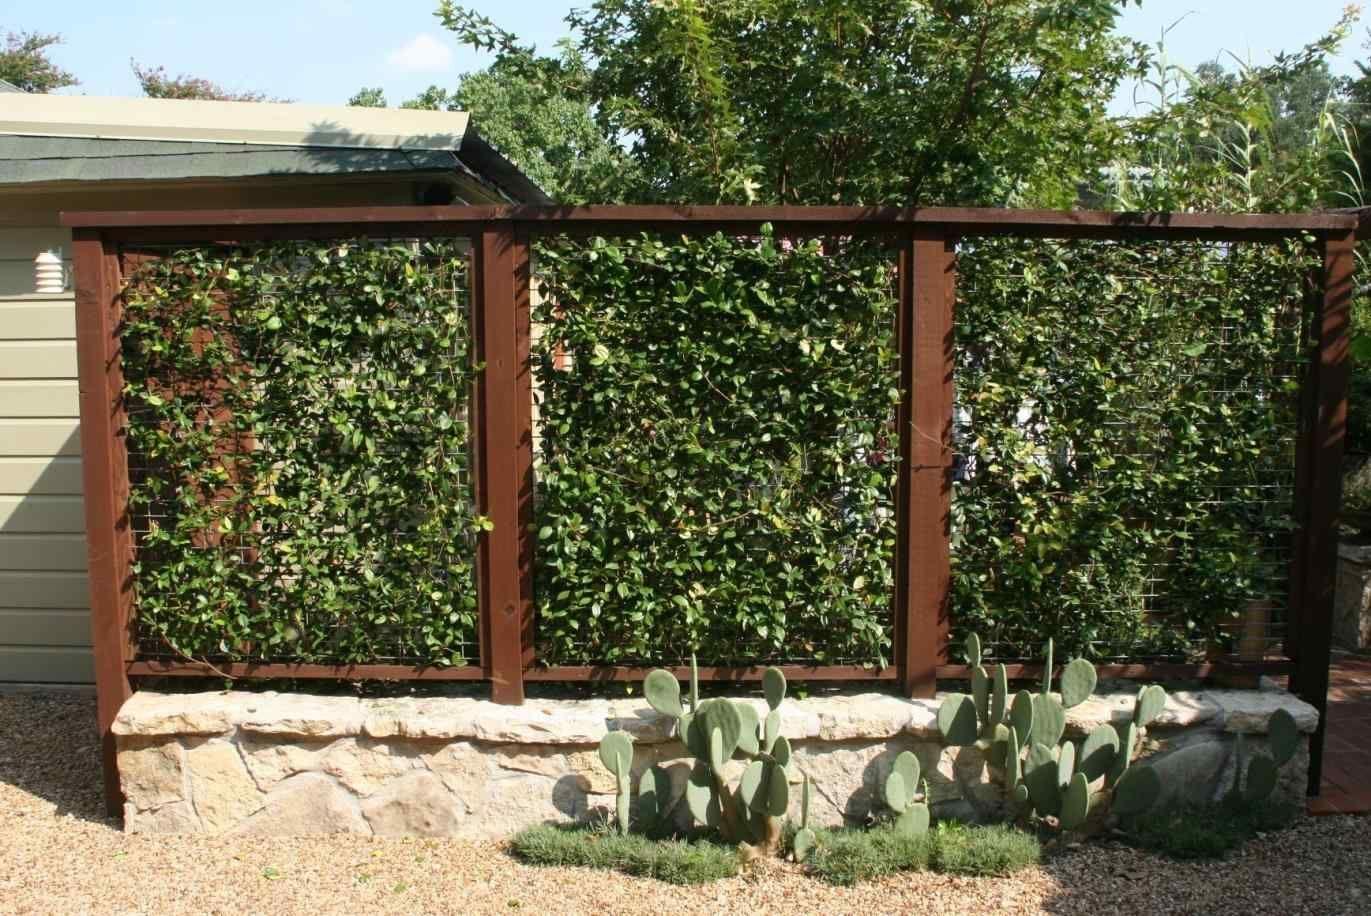 16 Incredible Patio Divider Walls For Your Home Breakpr Fence Design Backyard Garden Design Backyard Fences